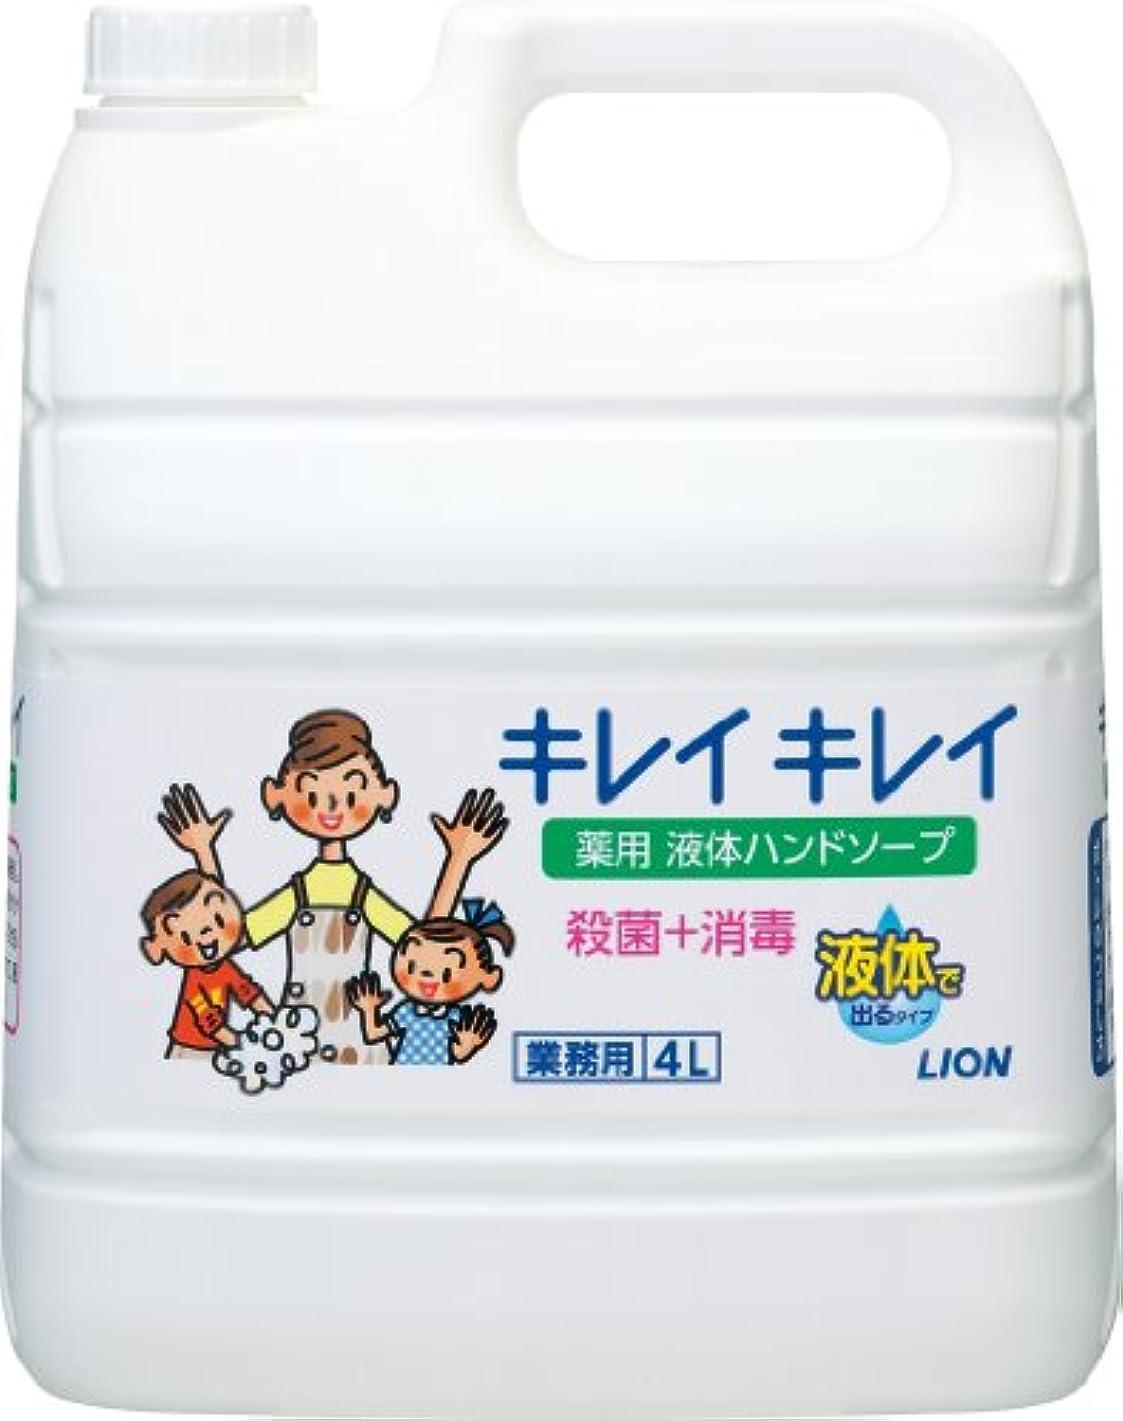 不完全選挙有効な【業務用 大容量】キレイキレイ 薬用 ハンドソープ  4L(医薬部外品)